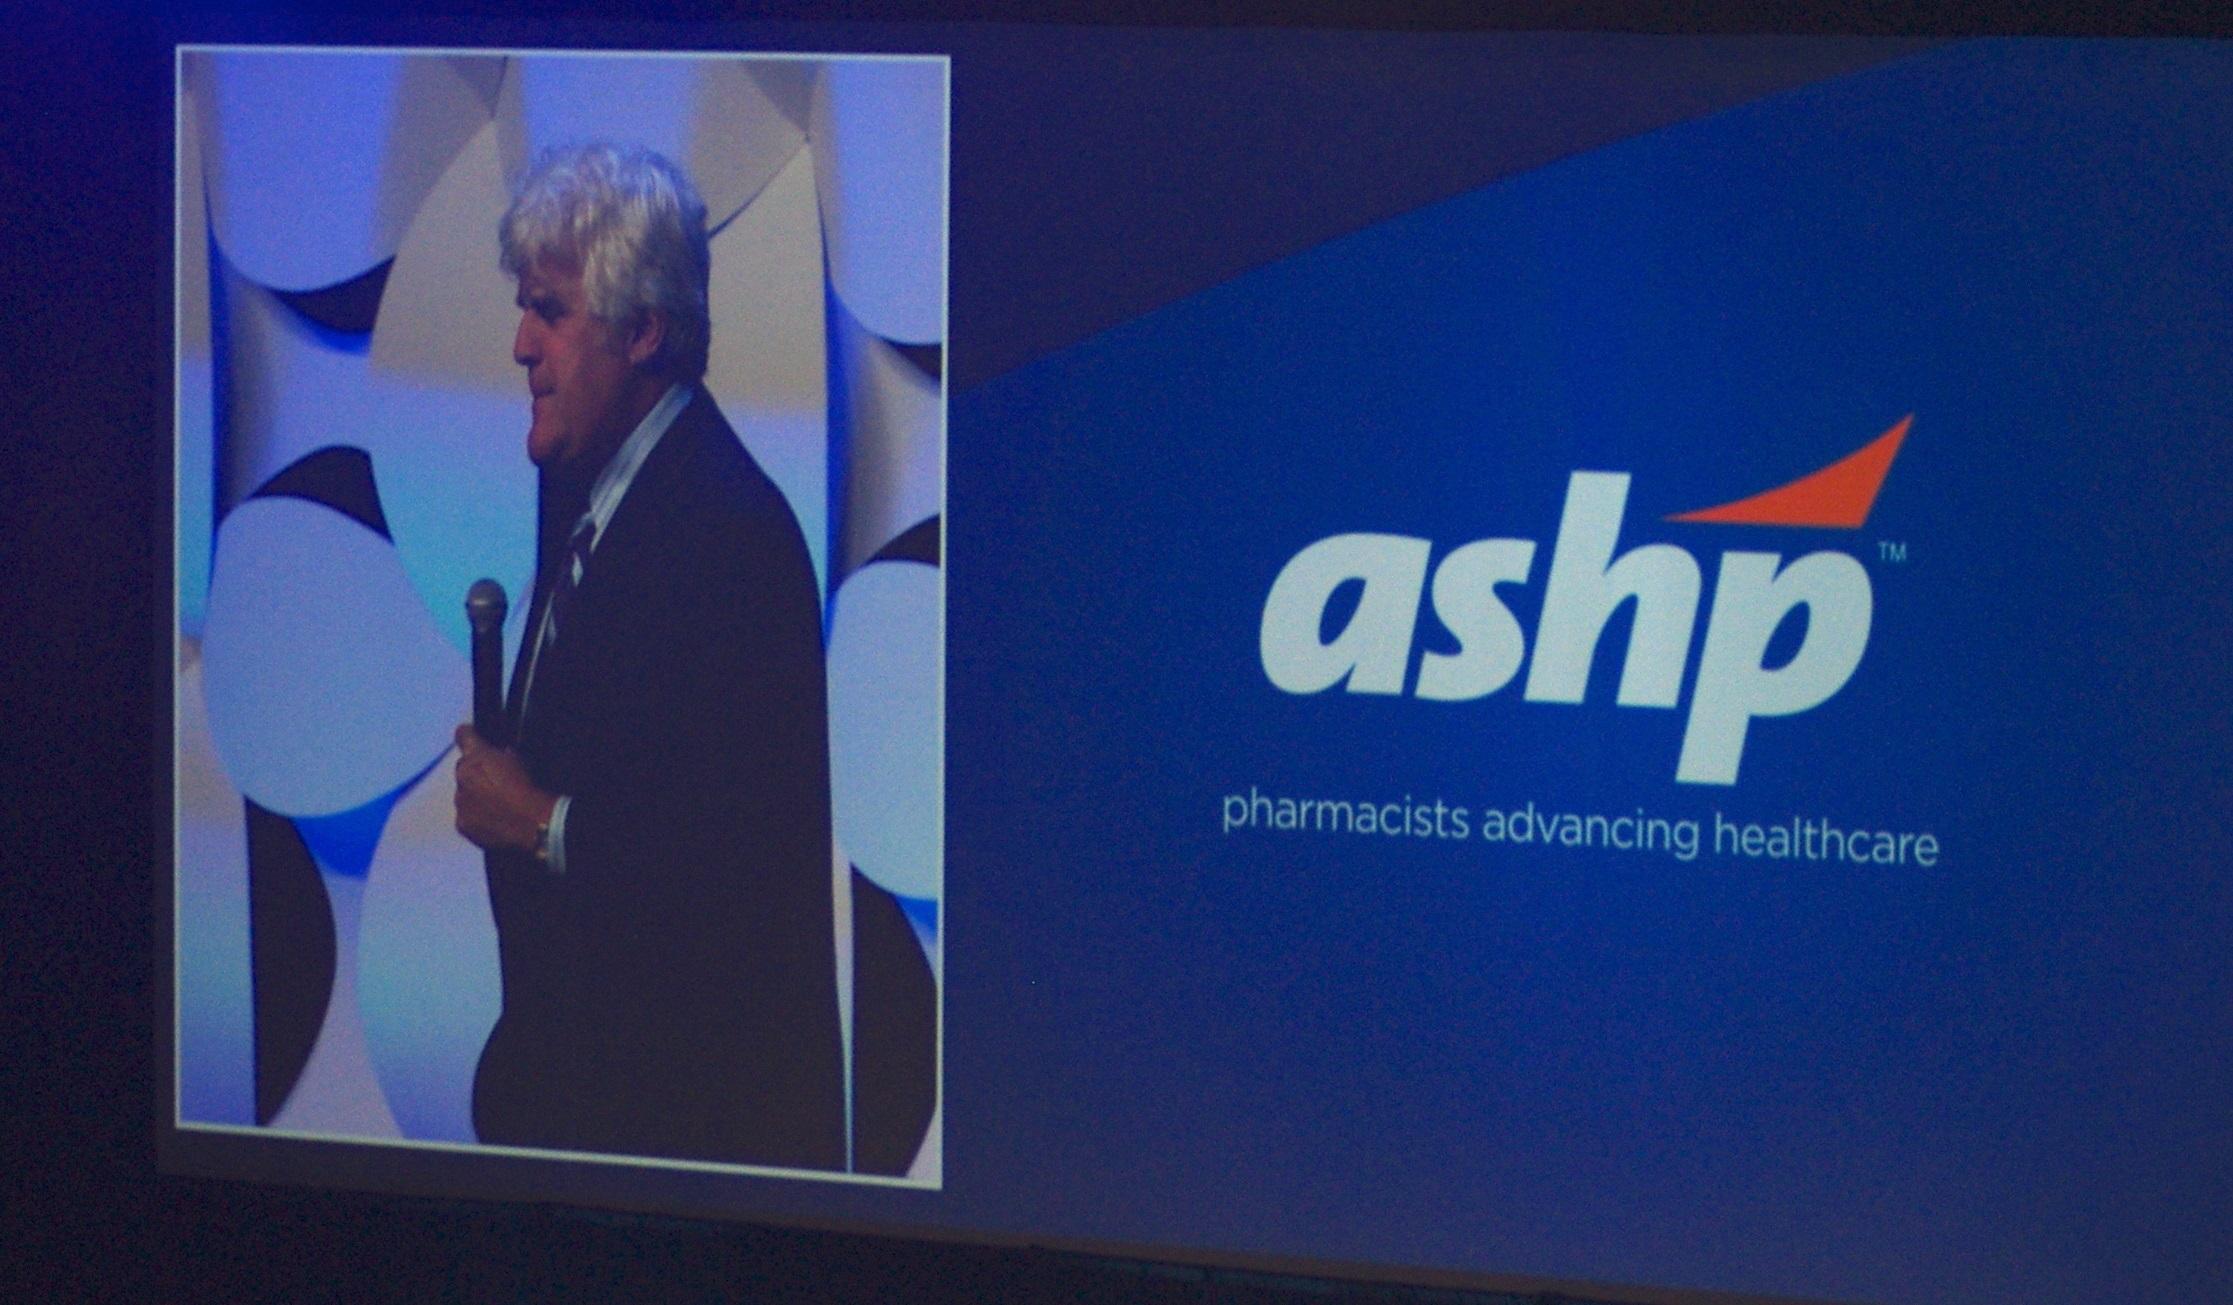 Jay Leno's Health Care Humor Opens ASHP Midyear